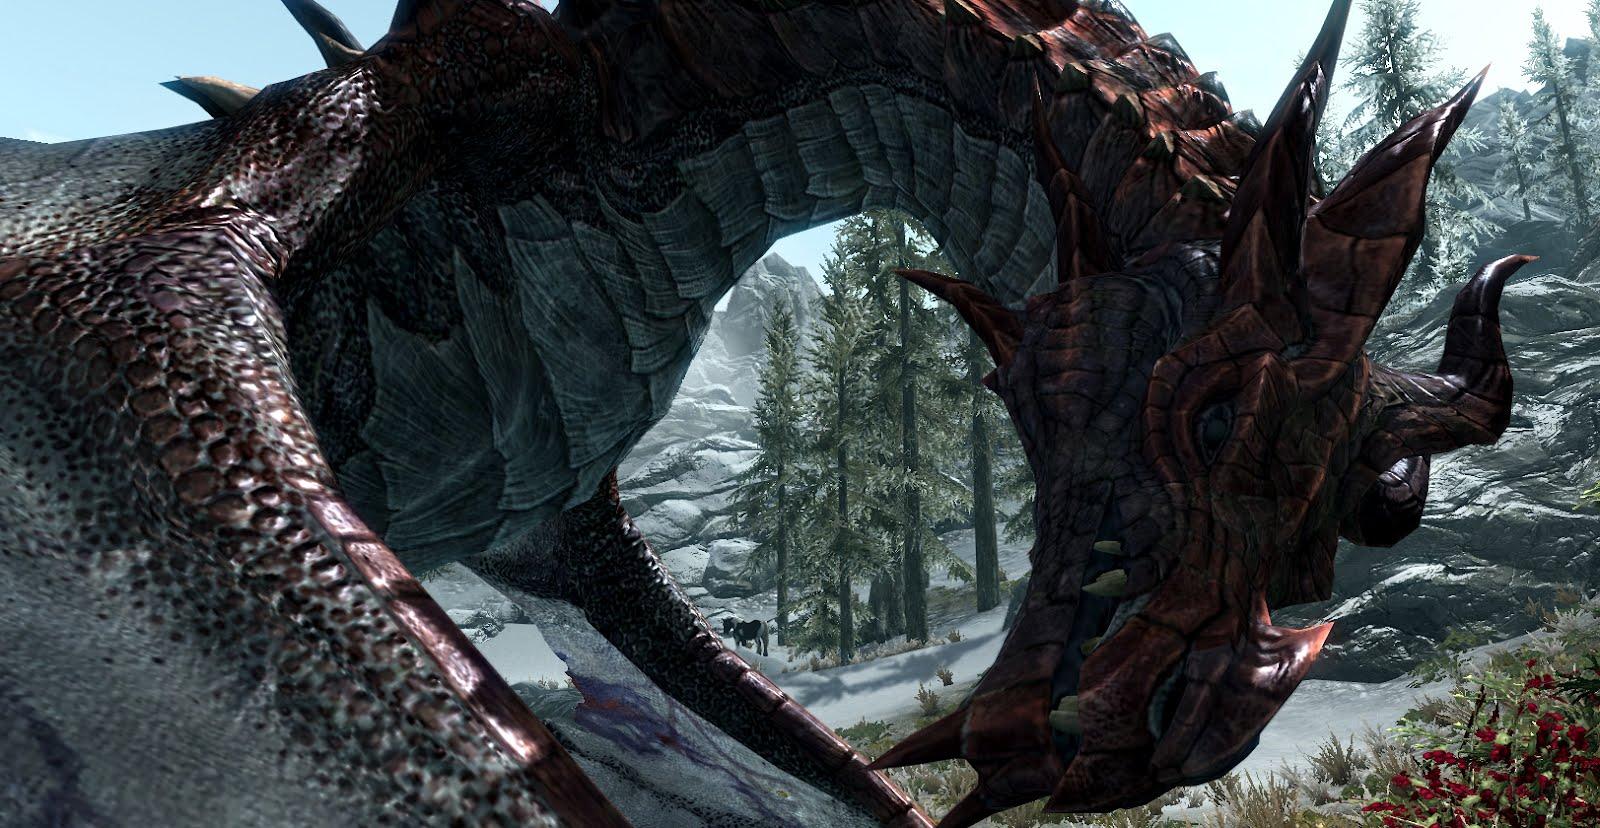 Skyrim Dragon: The Ninja Chronicles Of AK: The Skyrim Dragons Named